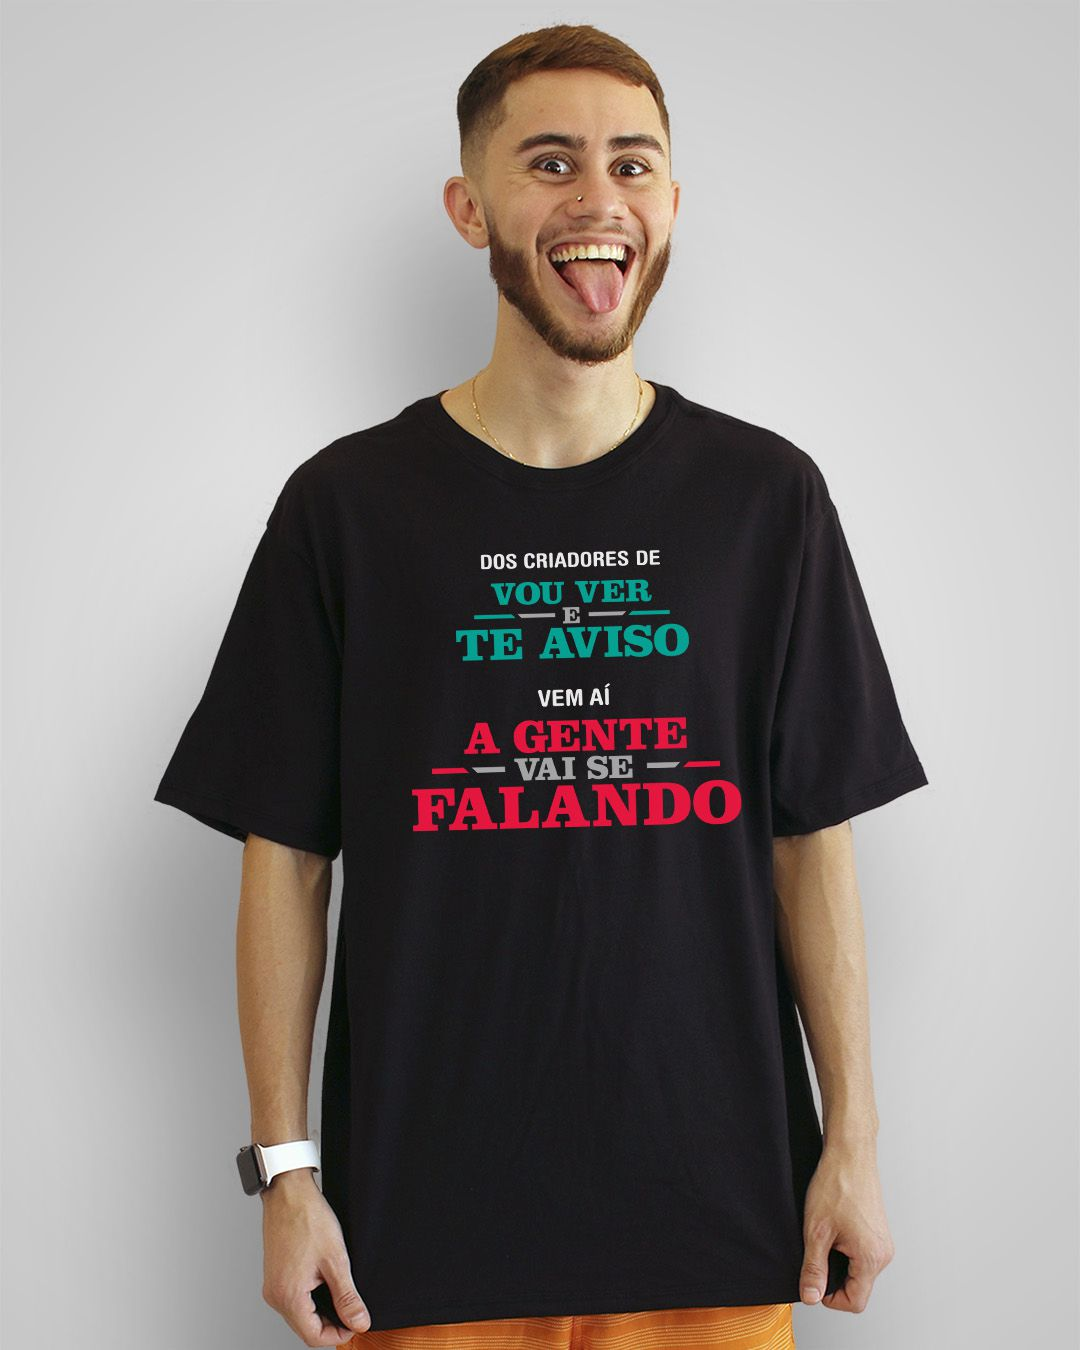 """Camiseta Dos criadores de """"vou ver e te aviso"""", vem aí """"a gente vai se falando"""""""